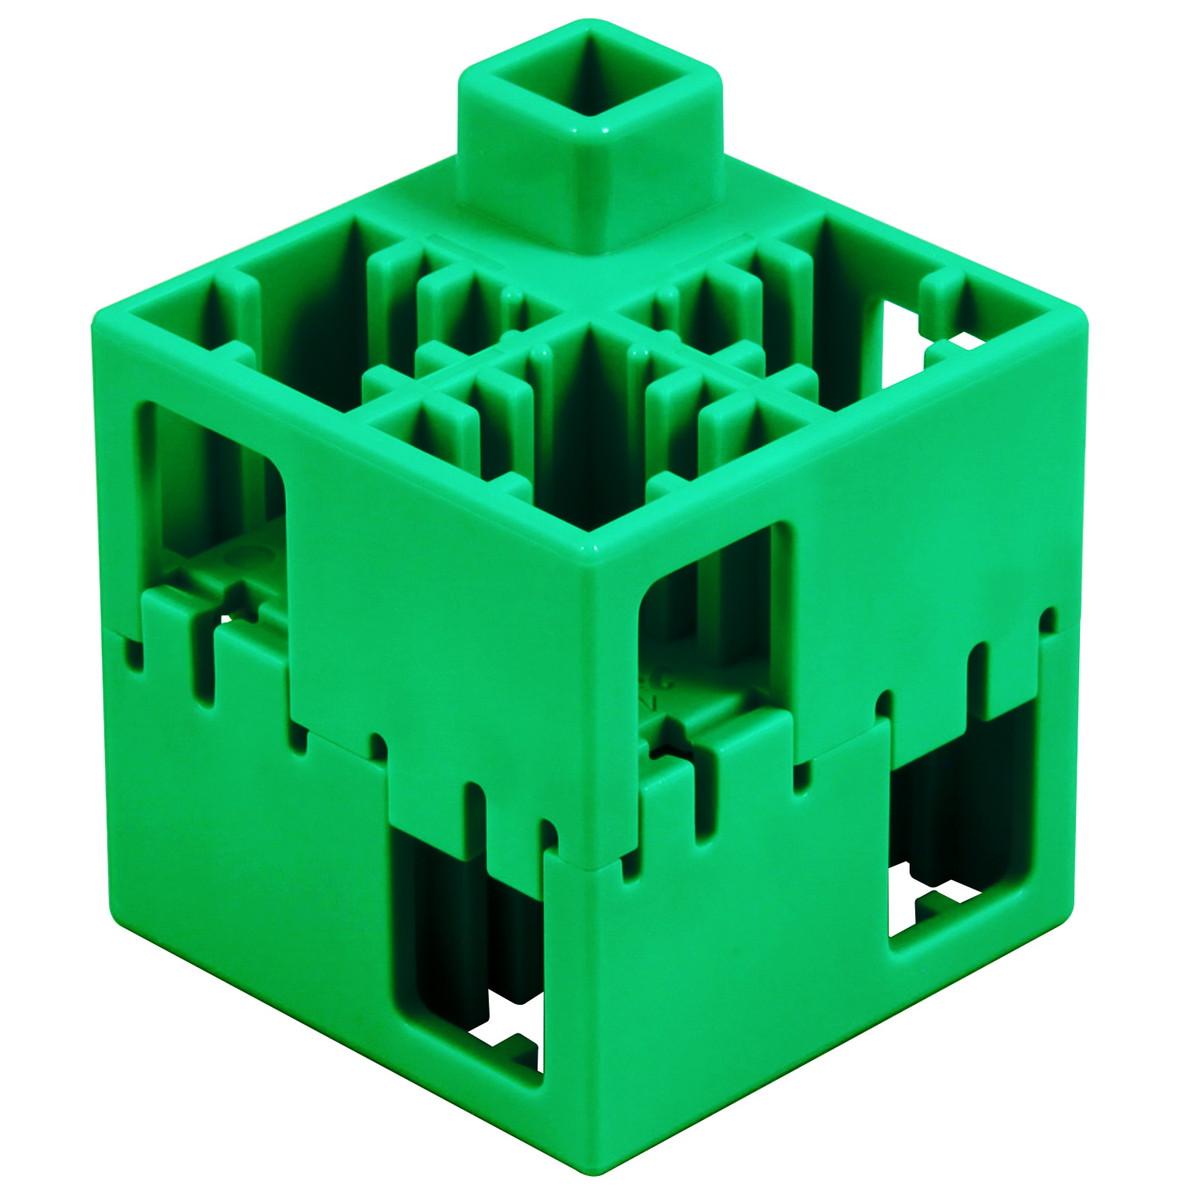 【送料無料!】Artec(アーテック) アーテックLブロック 四角 単色 100ピース緑 #76845